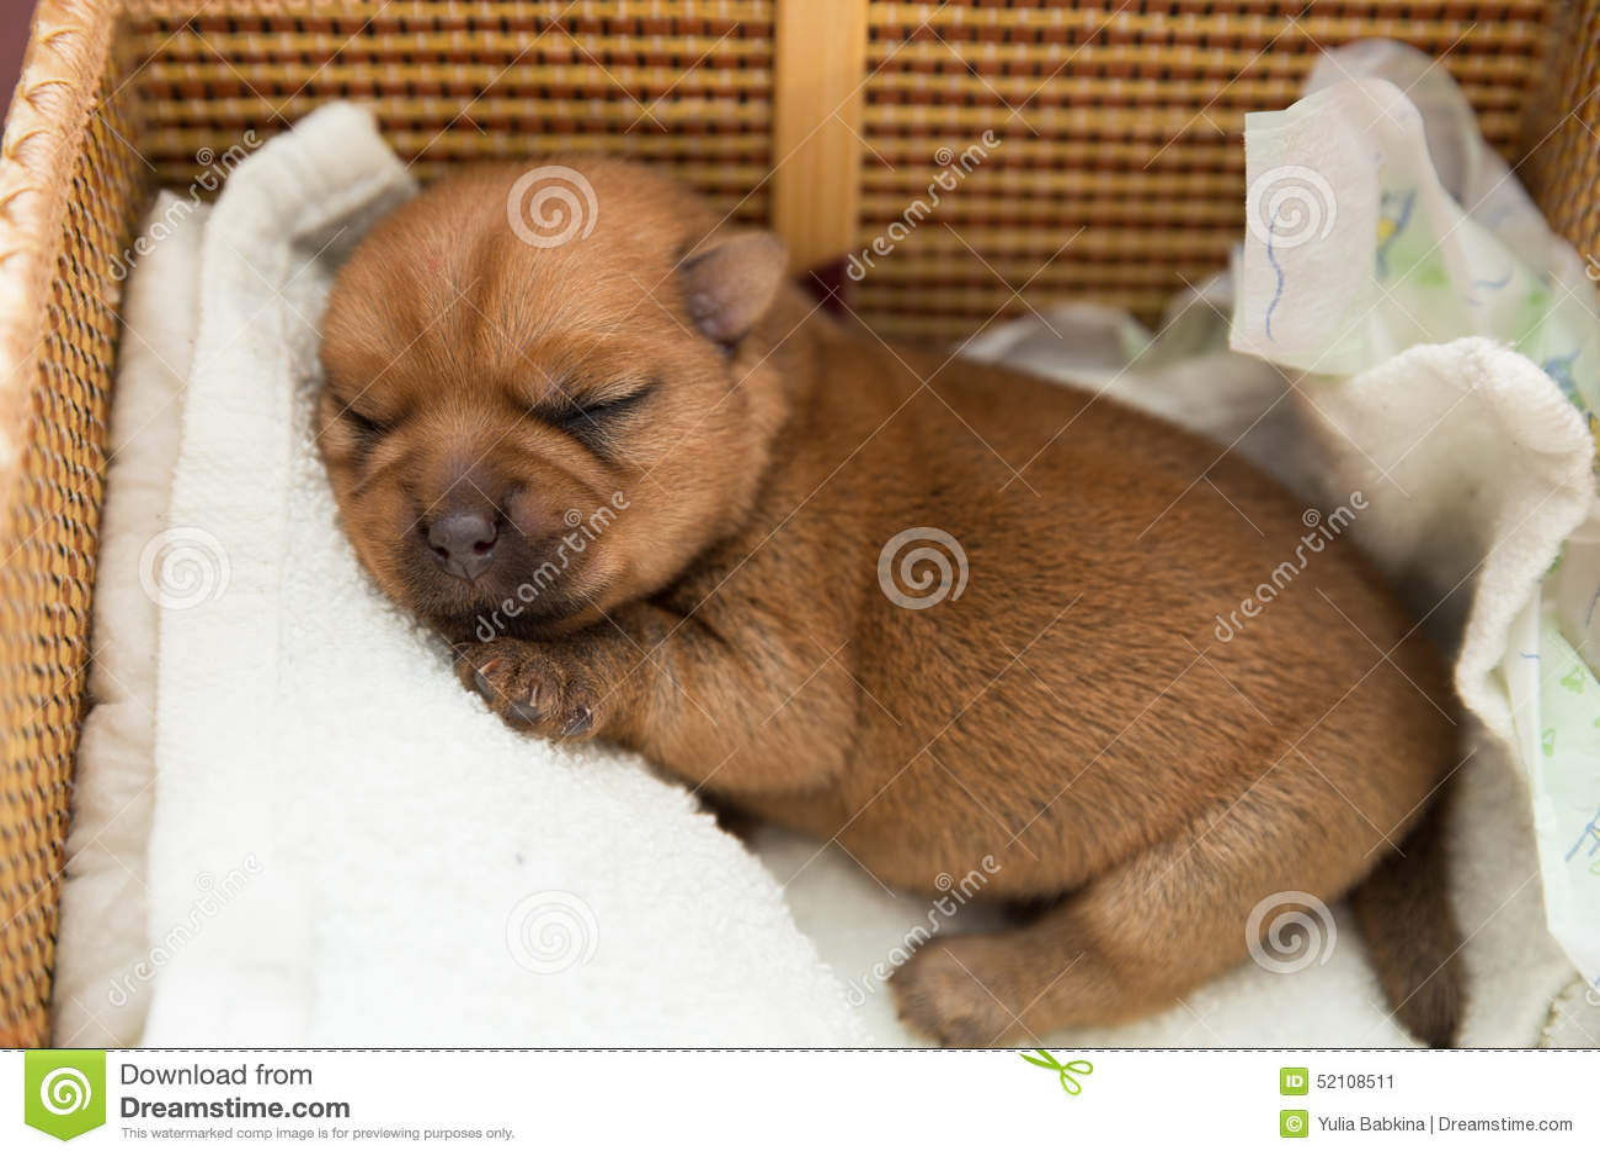 Cucciolo Appena Nato Immagine Stock Immagine Di Sonno 52108511